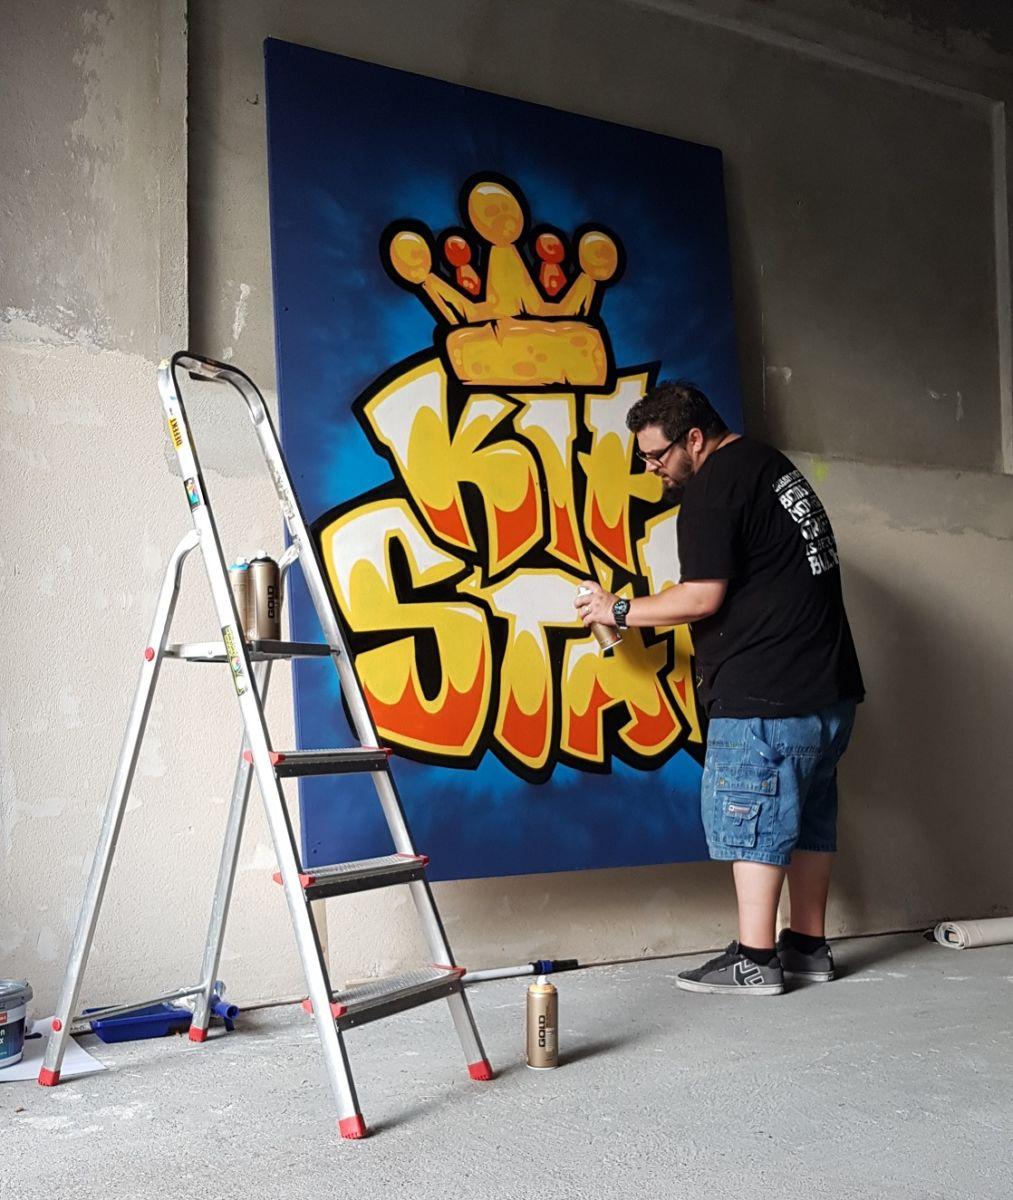 Graffiti-Künstler René Donath von Colorexplosion bei der Arbeit. Der Pirnaer entwarf 2018 das Logo der KiP*Star-Initiative und stellt im November Werke seines Schaffens im KiP-Lädchen vor. – www.colorexplosion.de